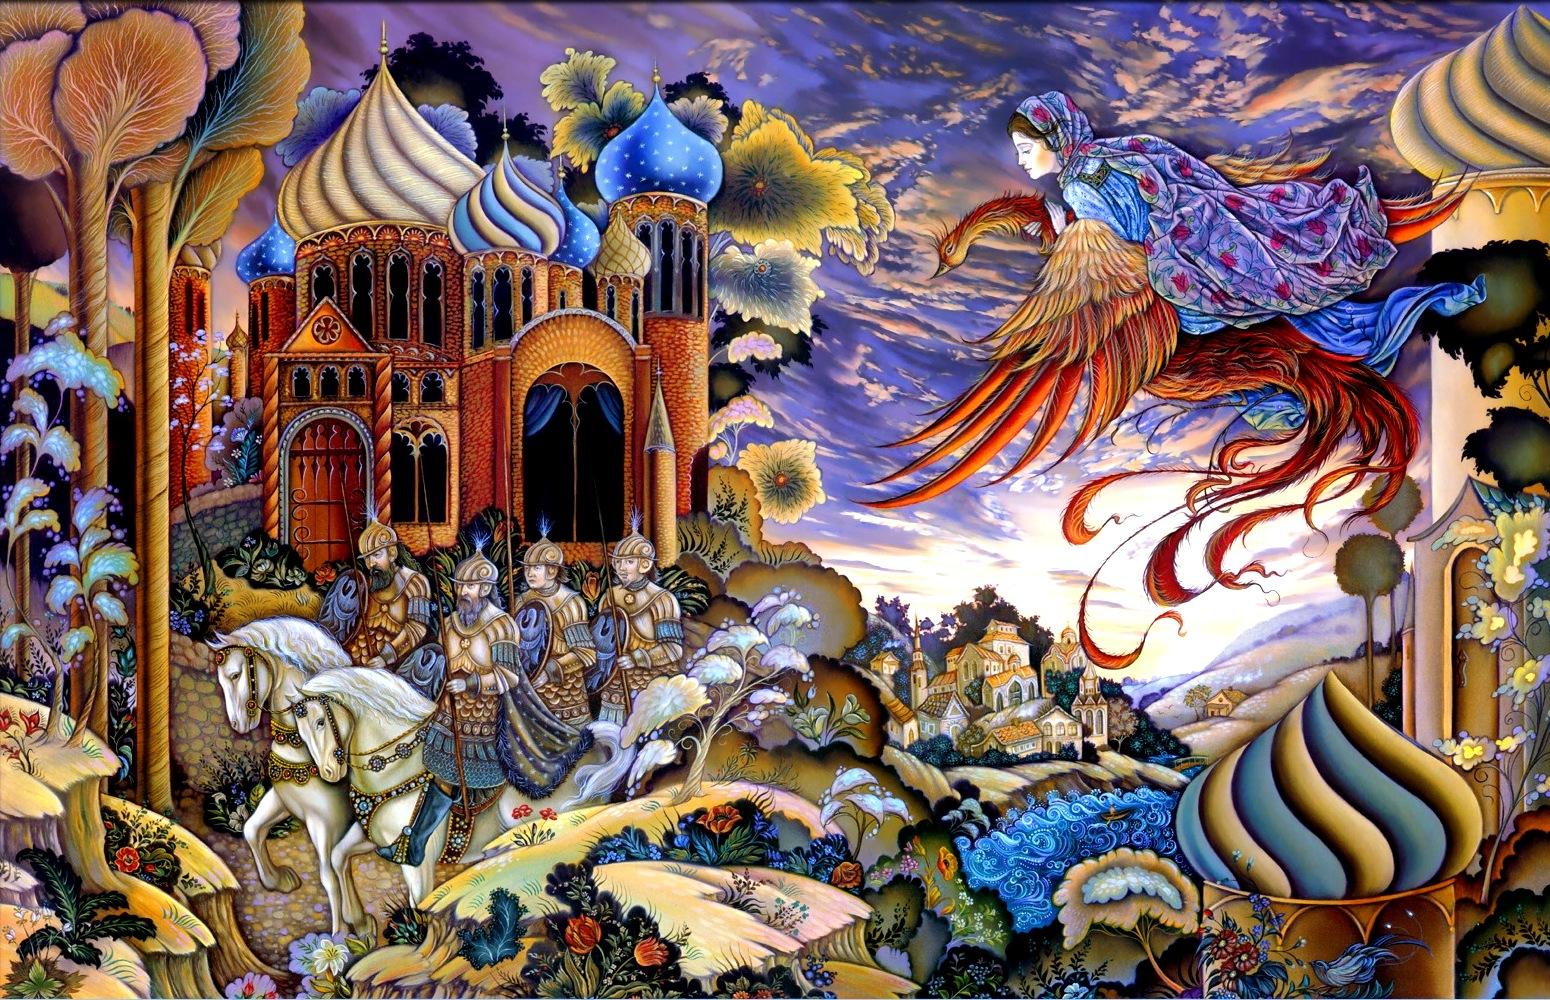 мир русских сказок картинки мастикой выглядят